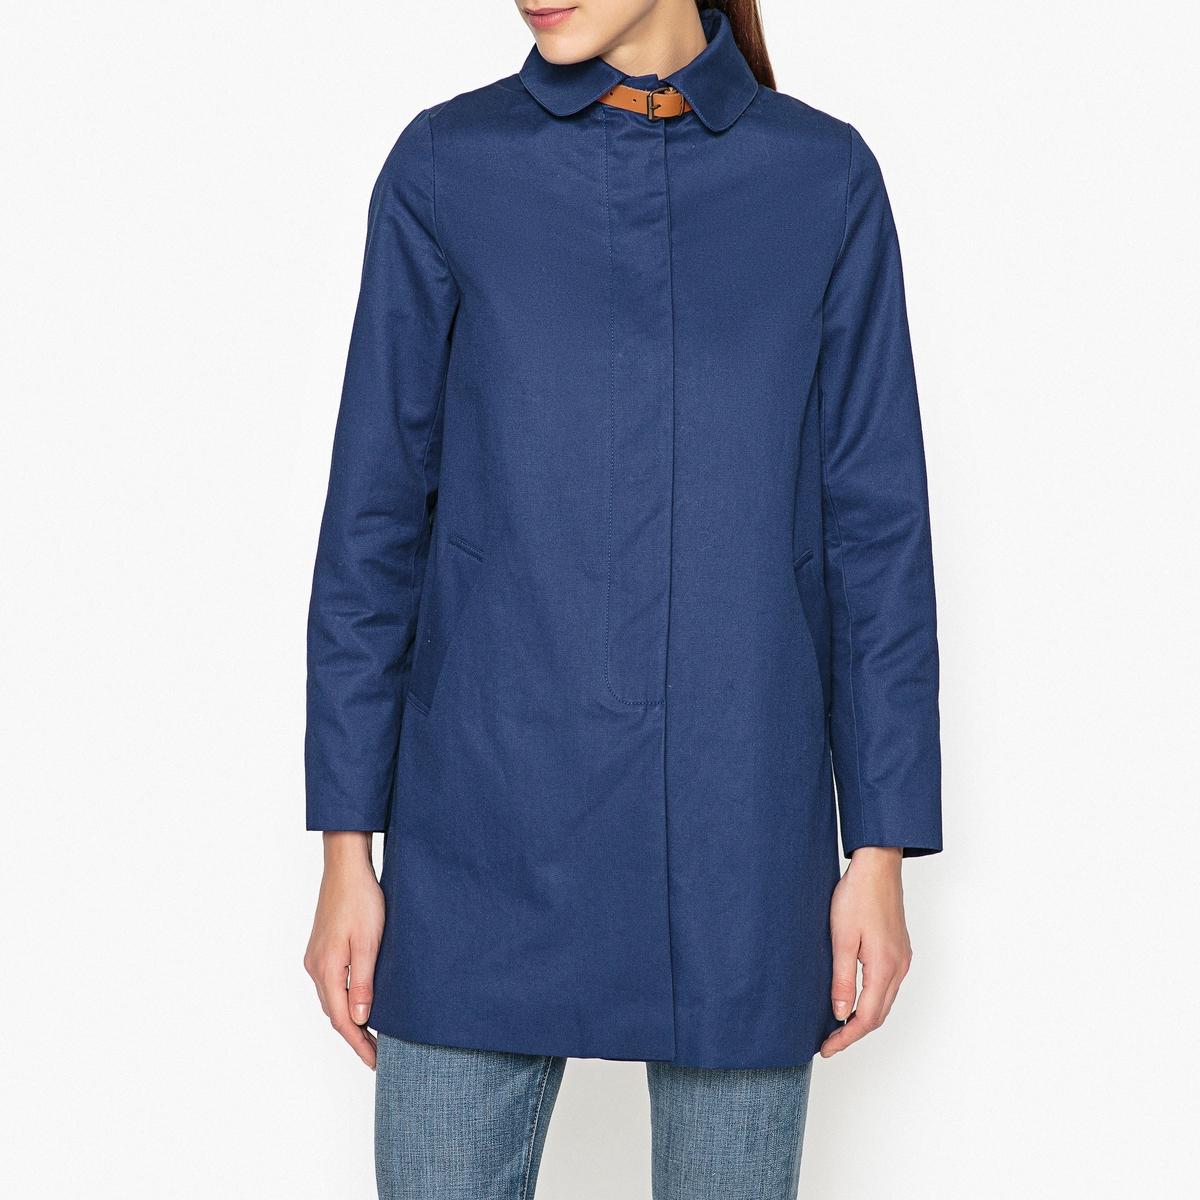 Пальто средней длины с капюшоном GLORIAПальто средней длины SESSUN - модель GLORIA, короткий покрой.Детали   •  Длина : укороченная модель •  Капюшон  •  Застежка на пуговицы •  С капюшоном Состав и уход   •  100% хлопок •  Следуйте рекомендациям по уходу, указанным на этикетке изделия<br><br>Цвет: синий